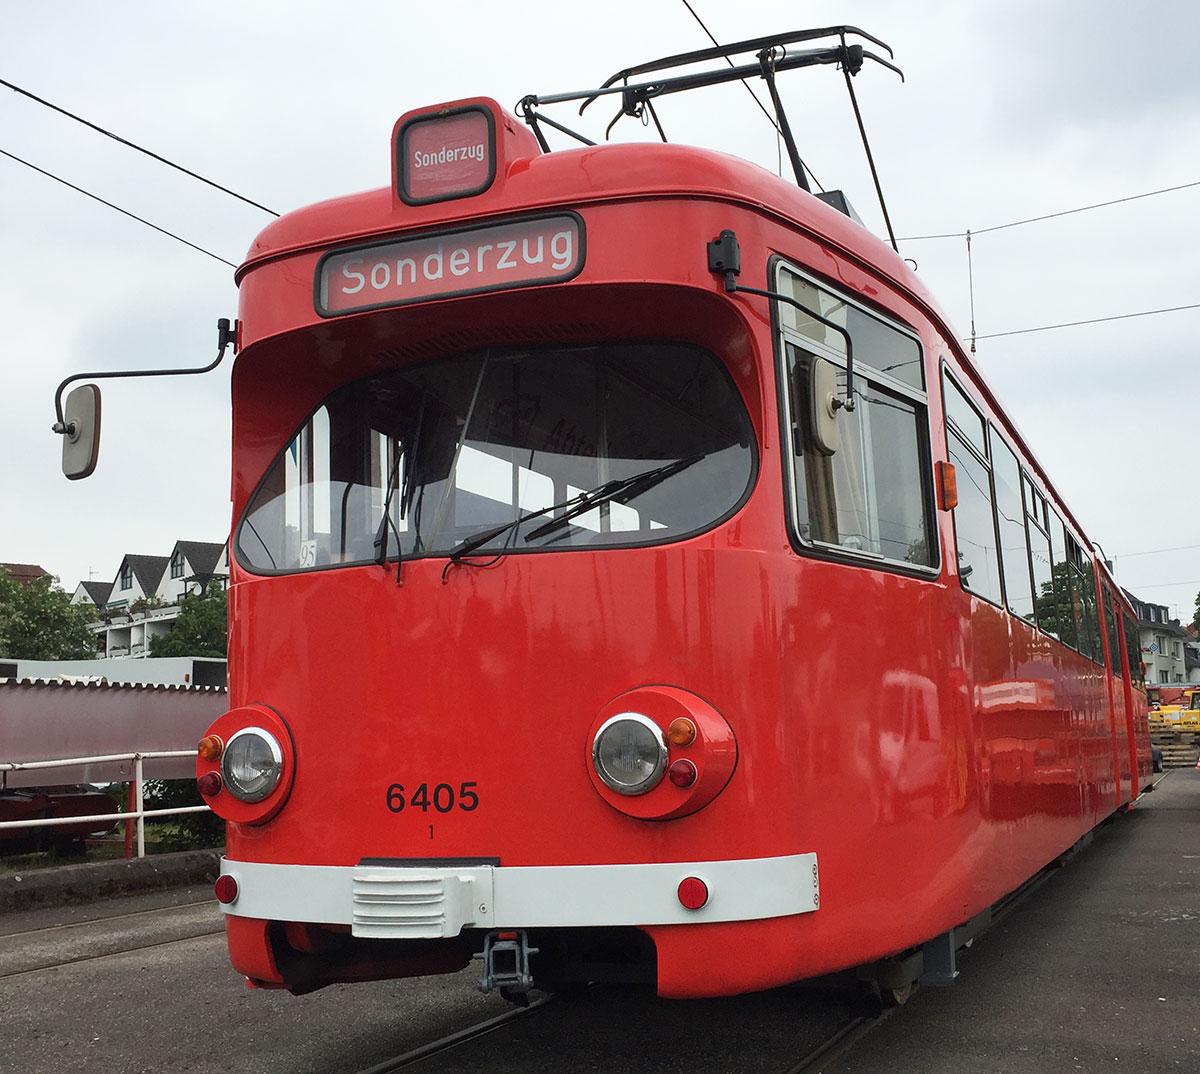 KVB-Gleisschleifbahn